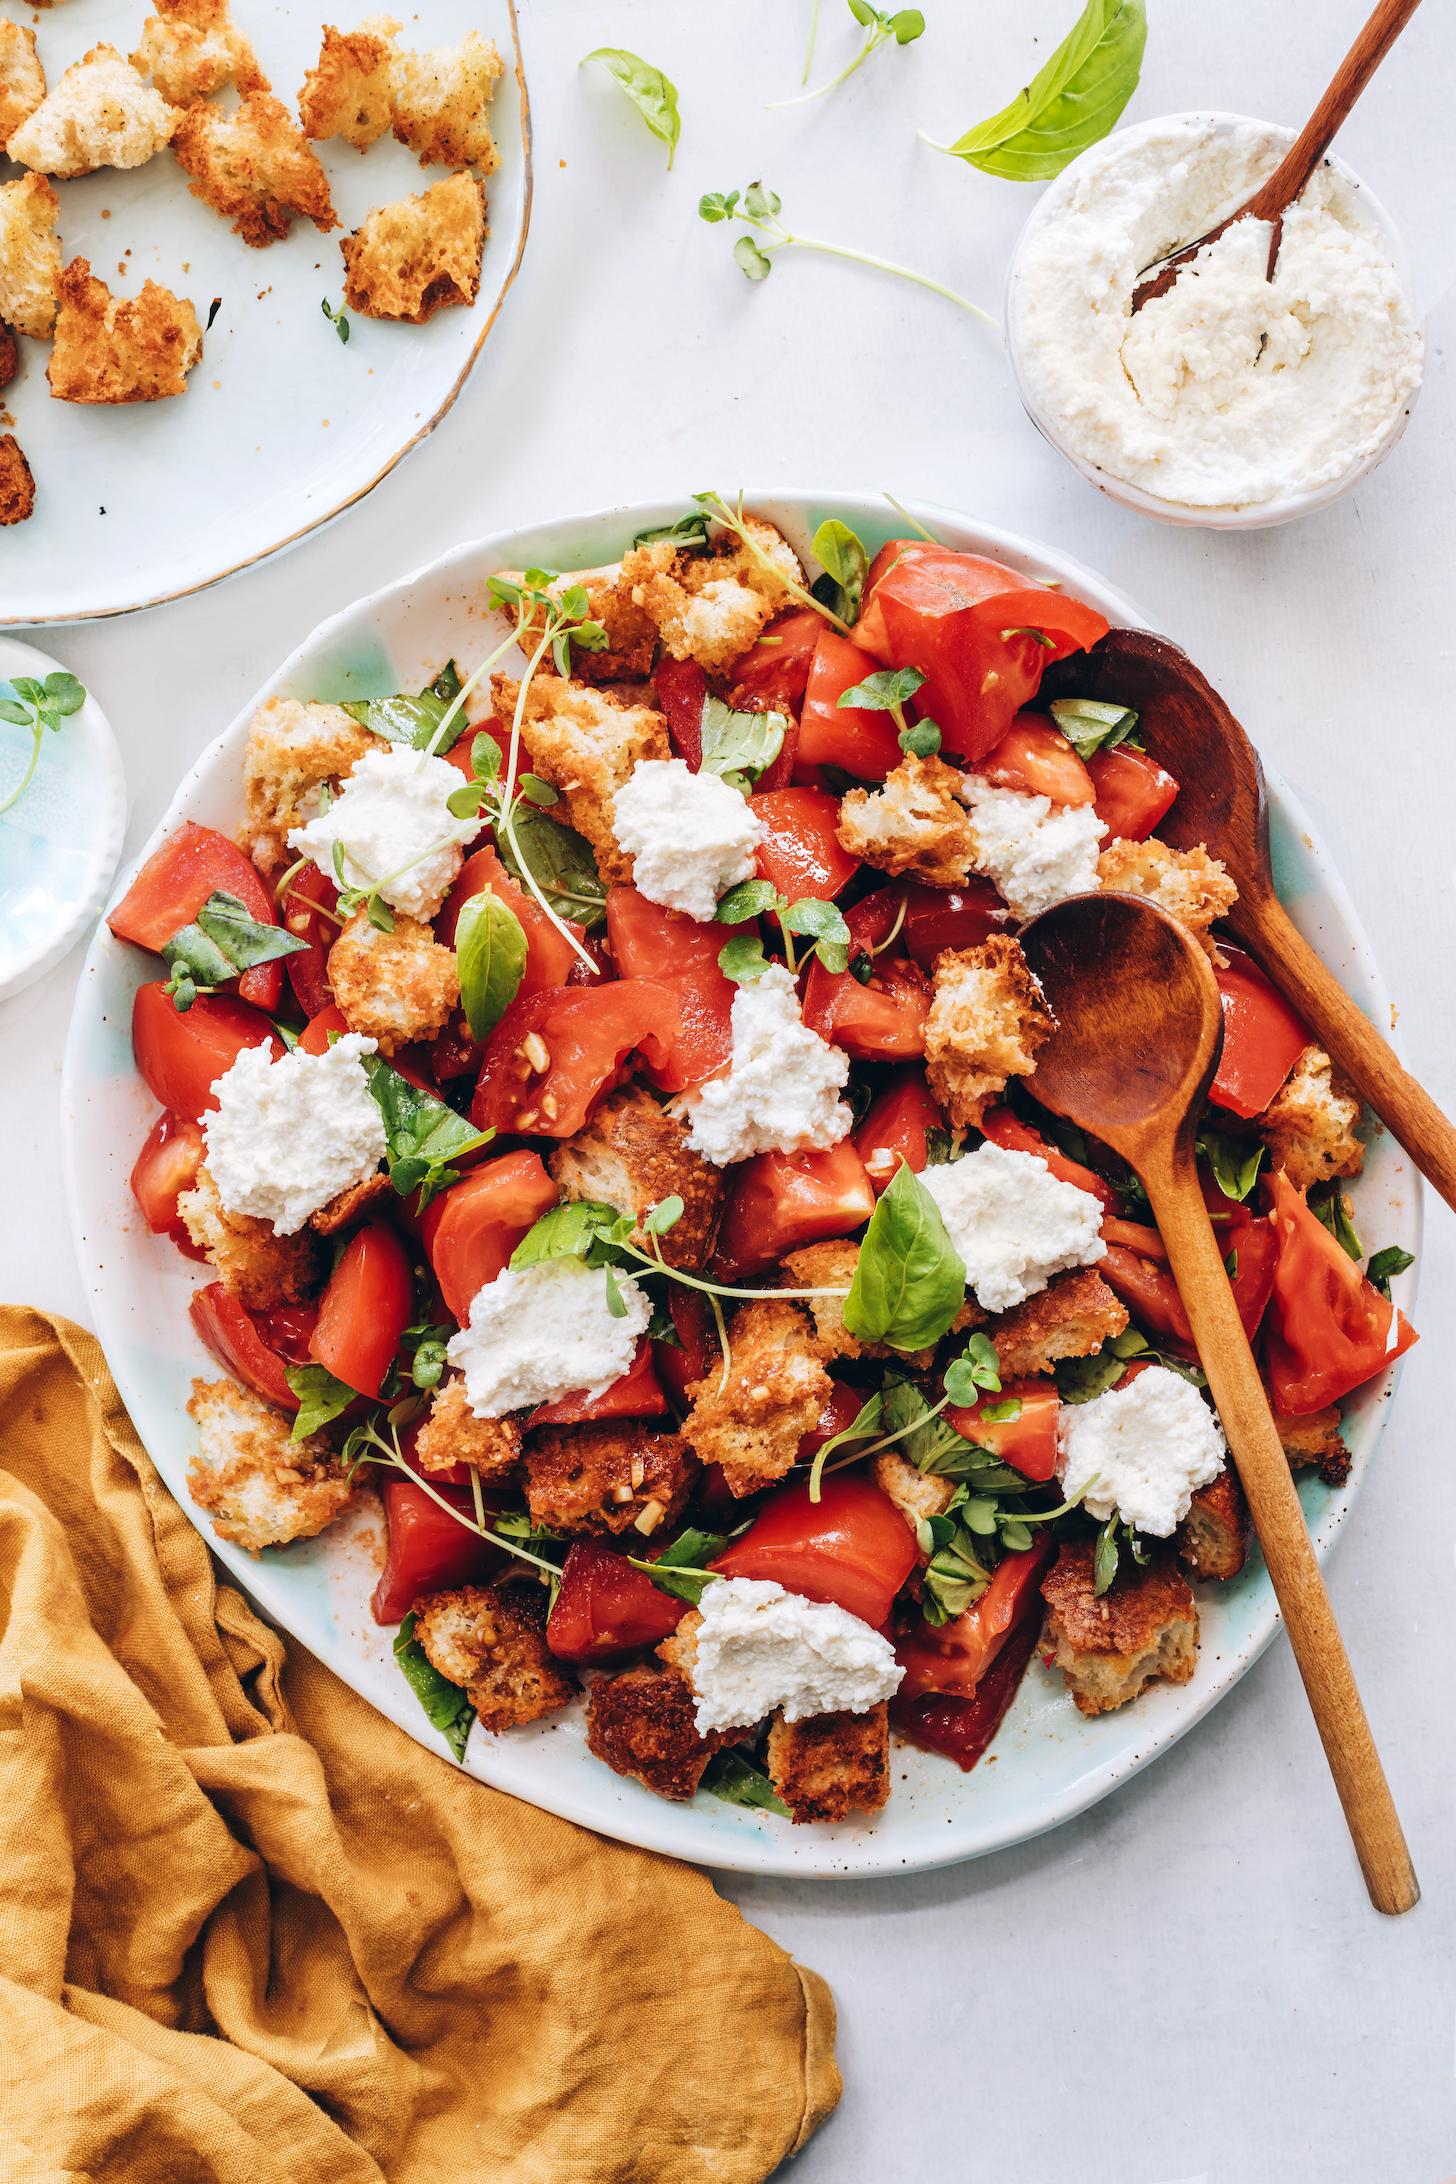 Platter of tomato panzanella salad with basil, microgreens, and cashew ricotta